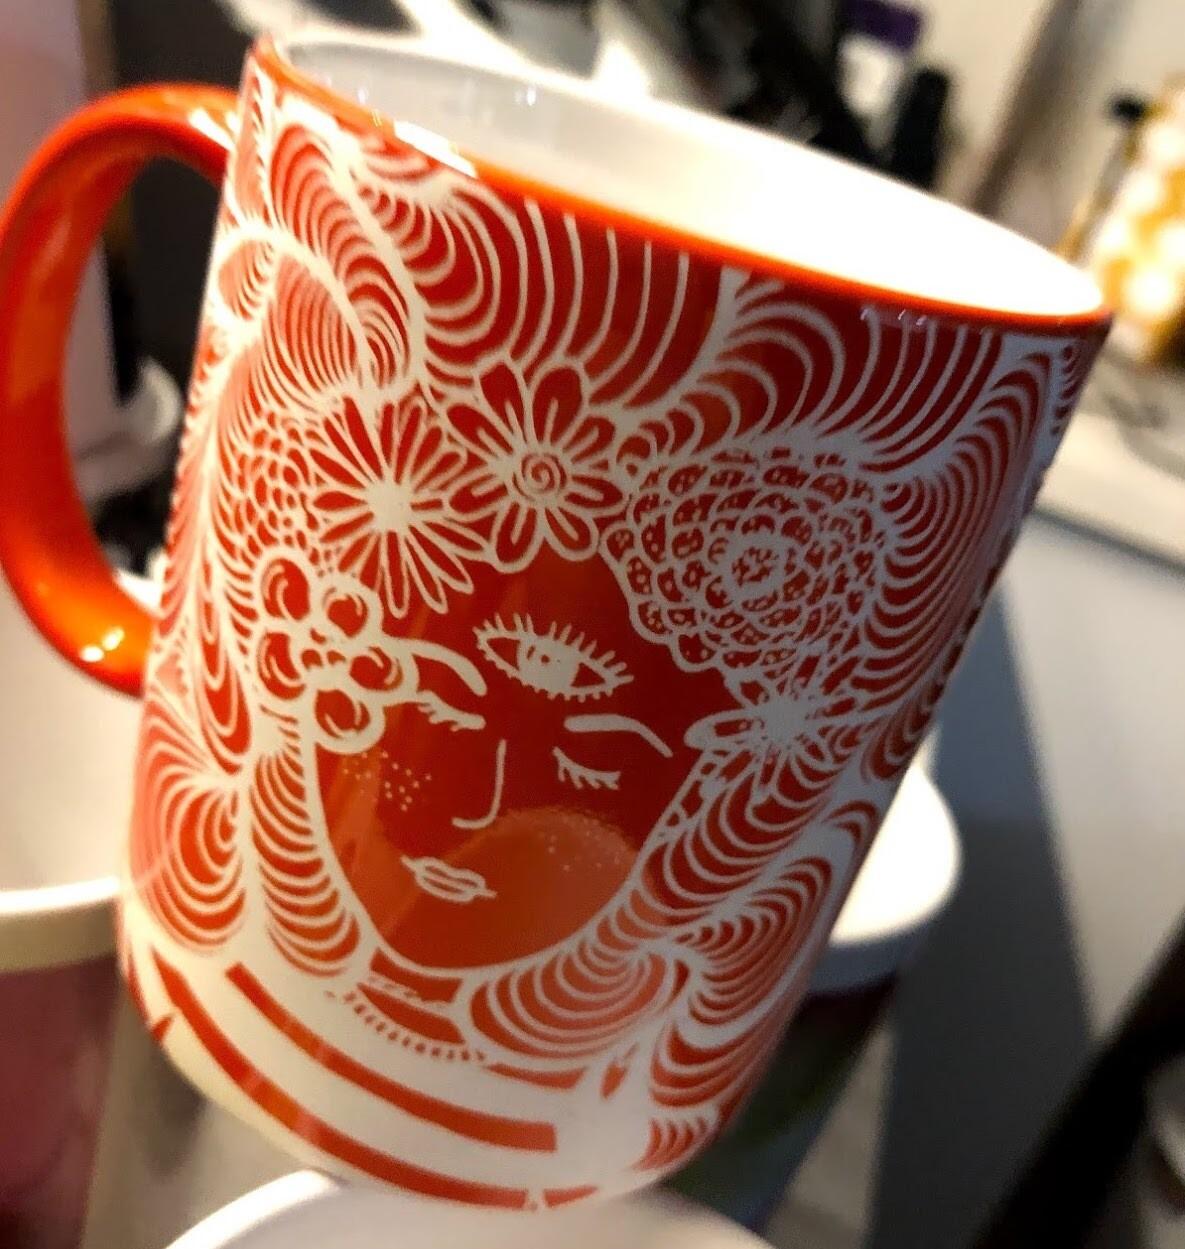 Laser Engraved Mugs